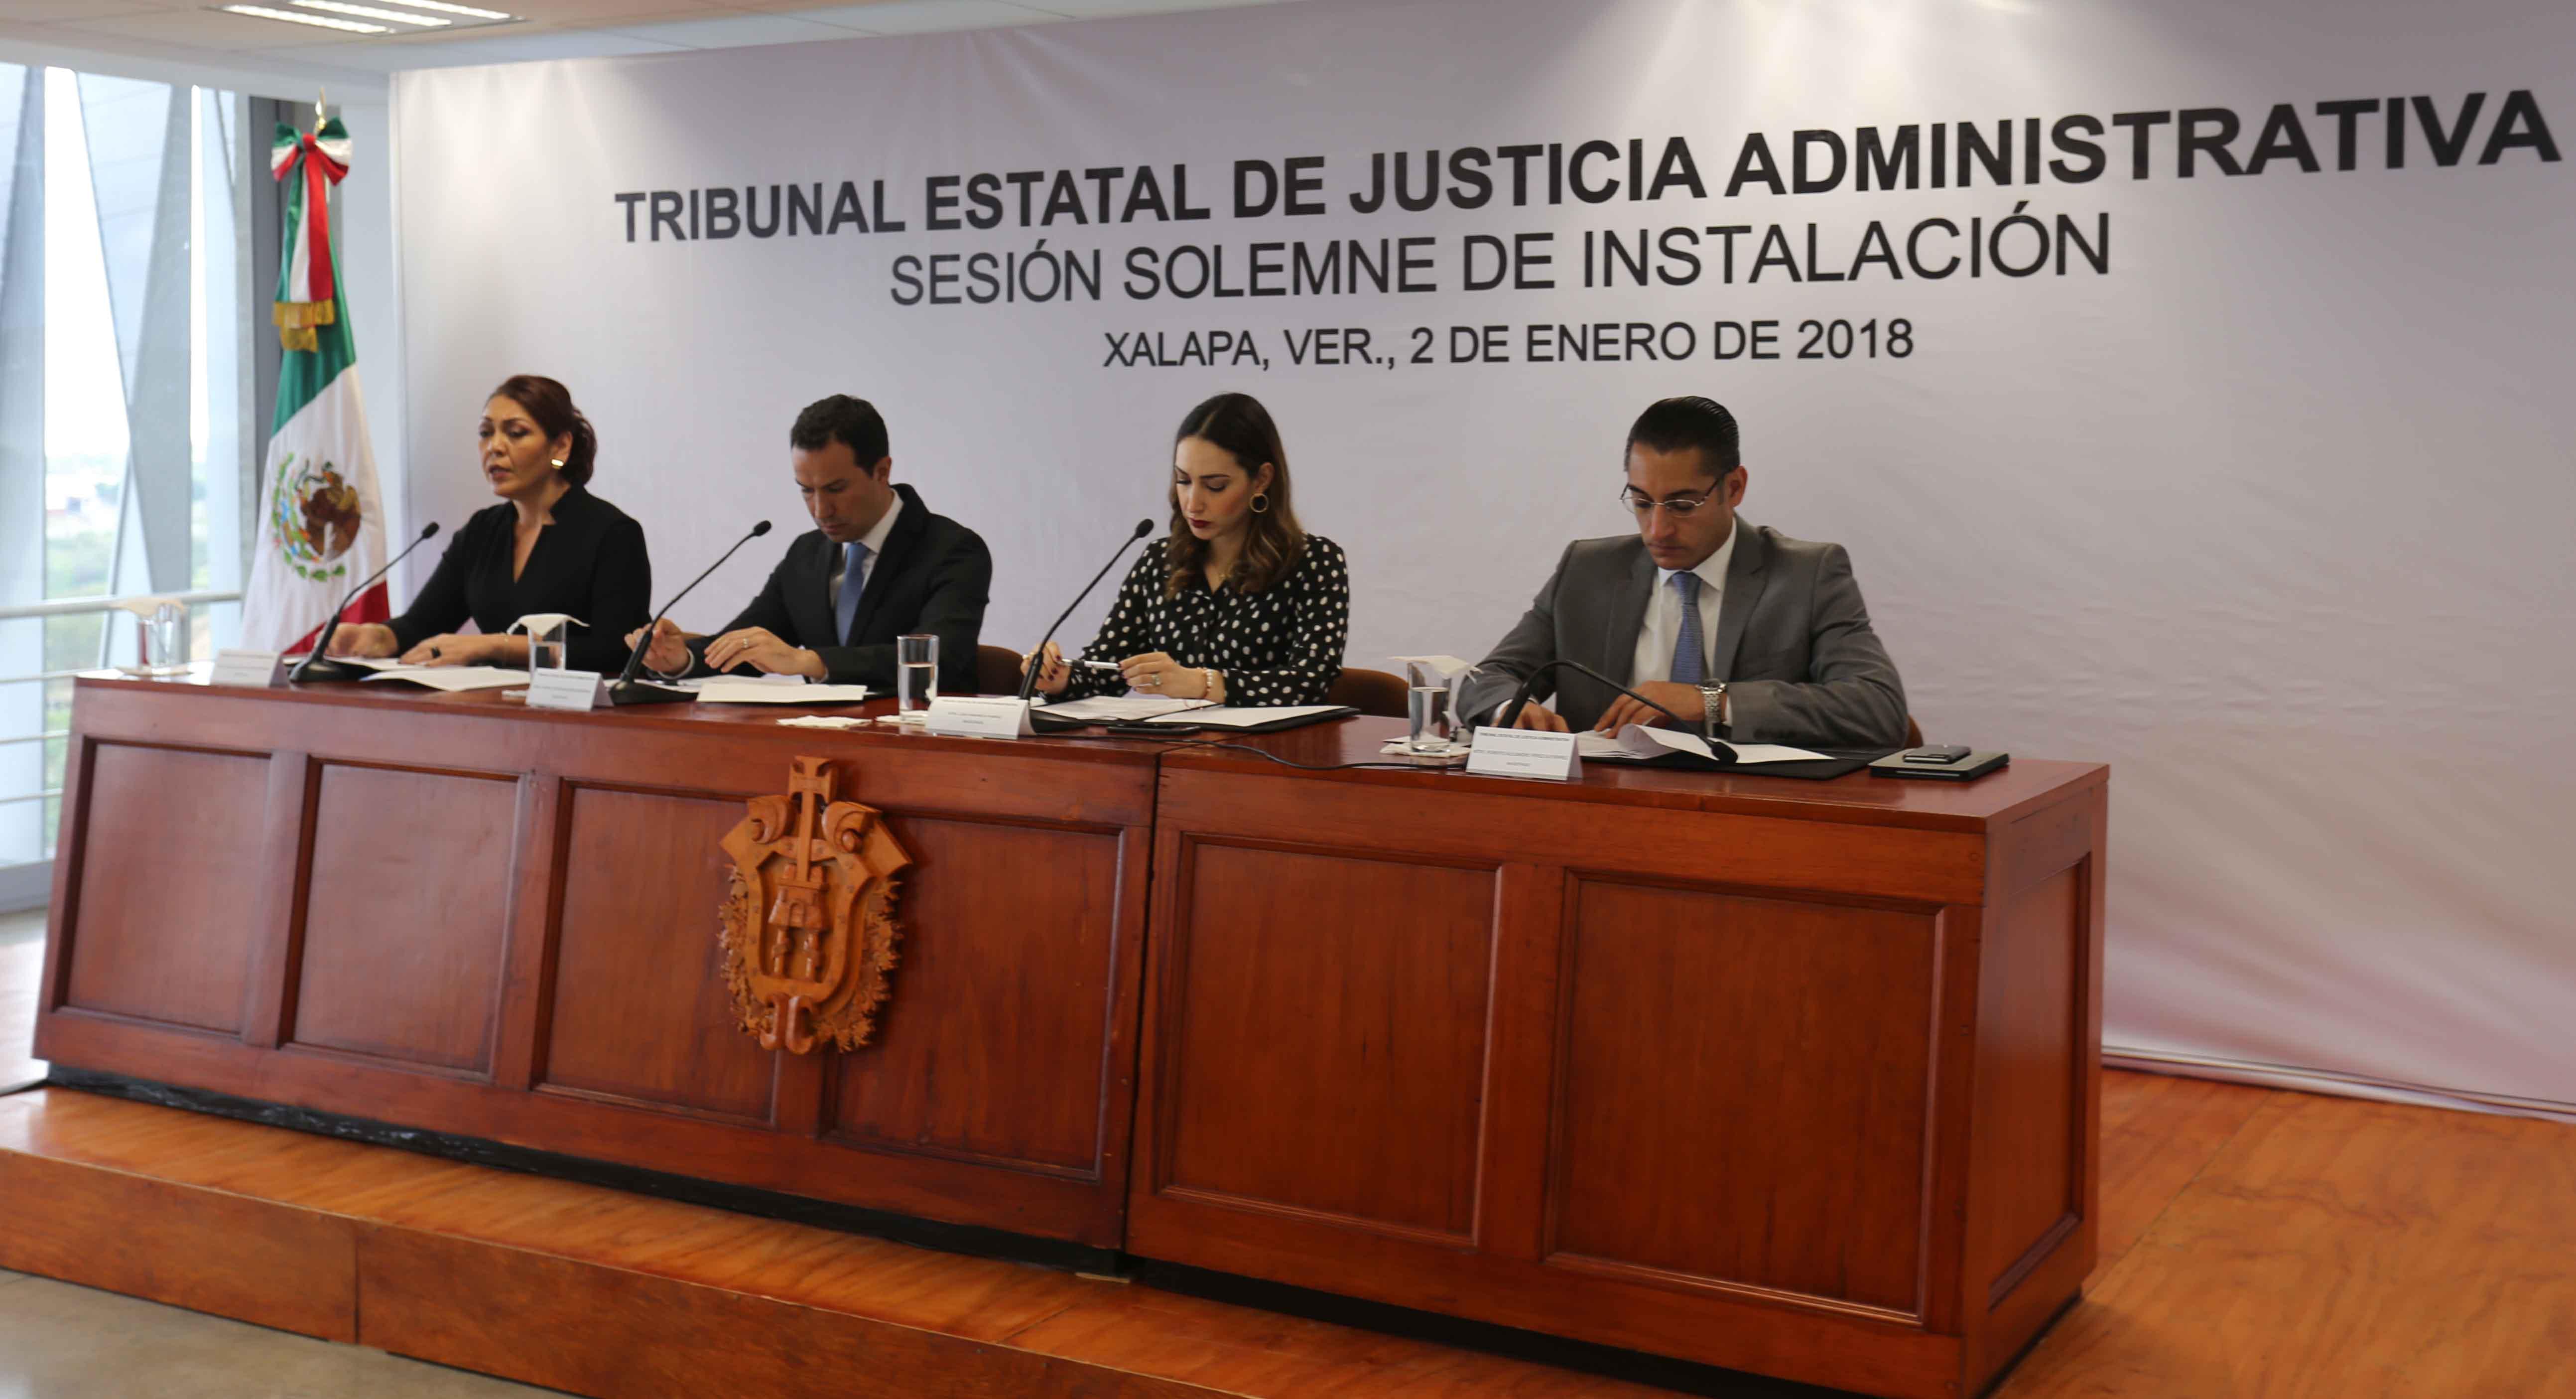 Tribunal de Justicia Administrativa de Veracruz consolida su autonomía al haber sido aprobado su presupuesto